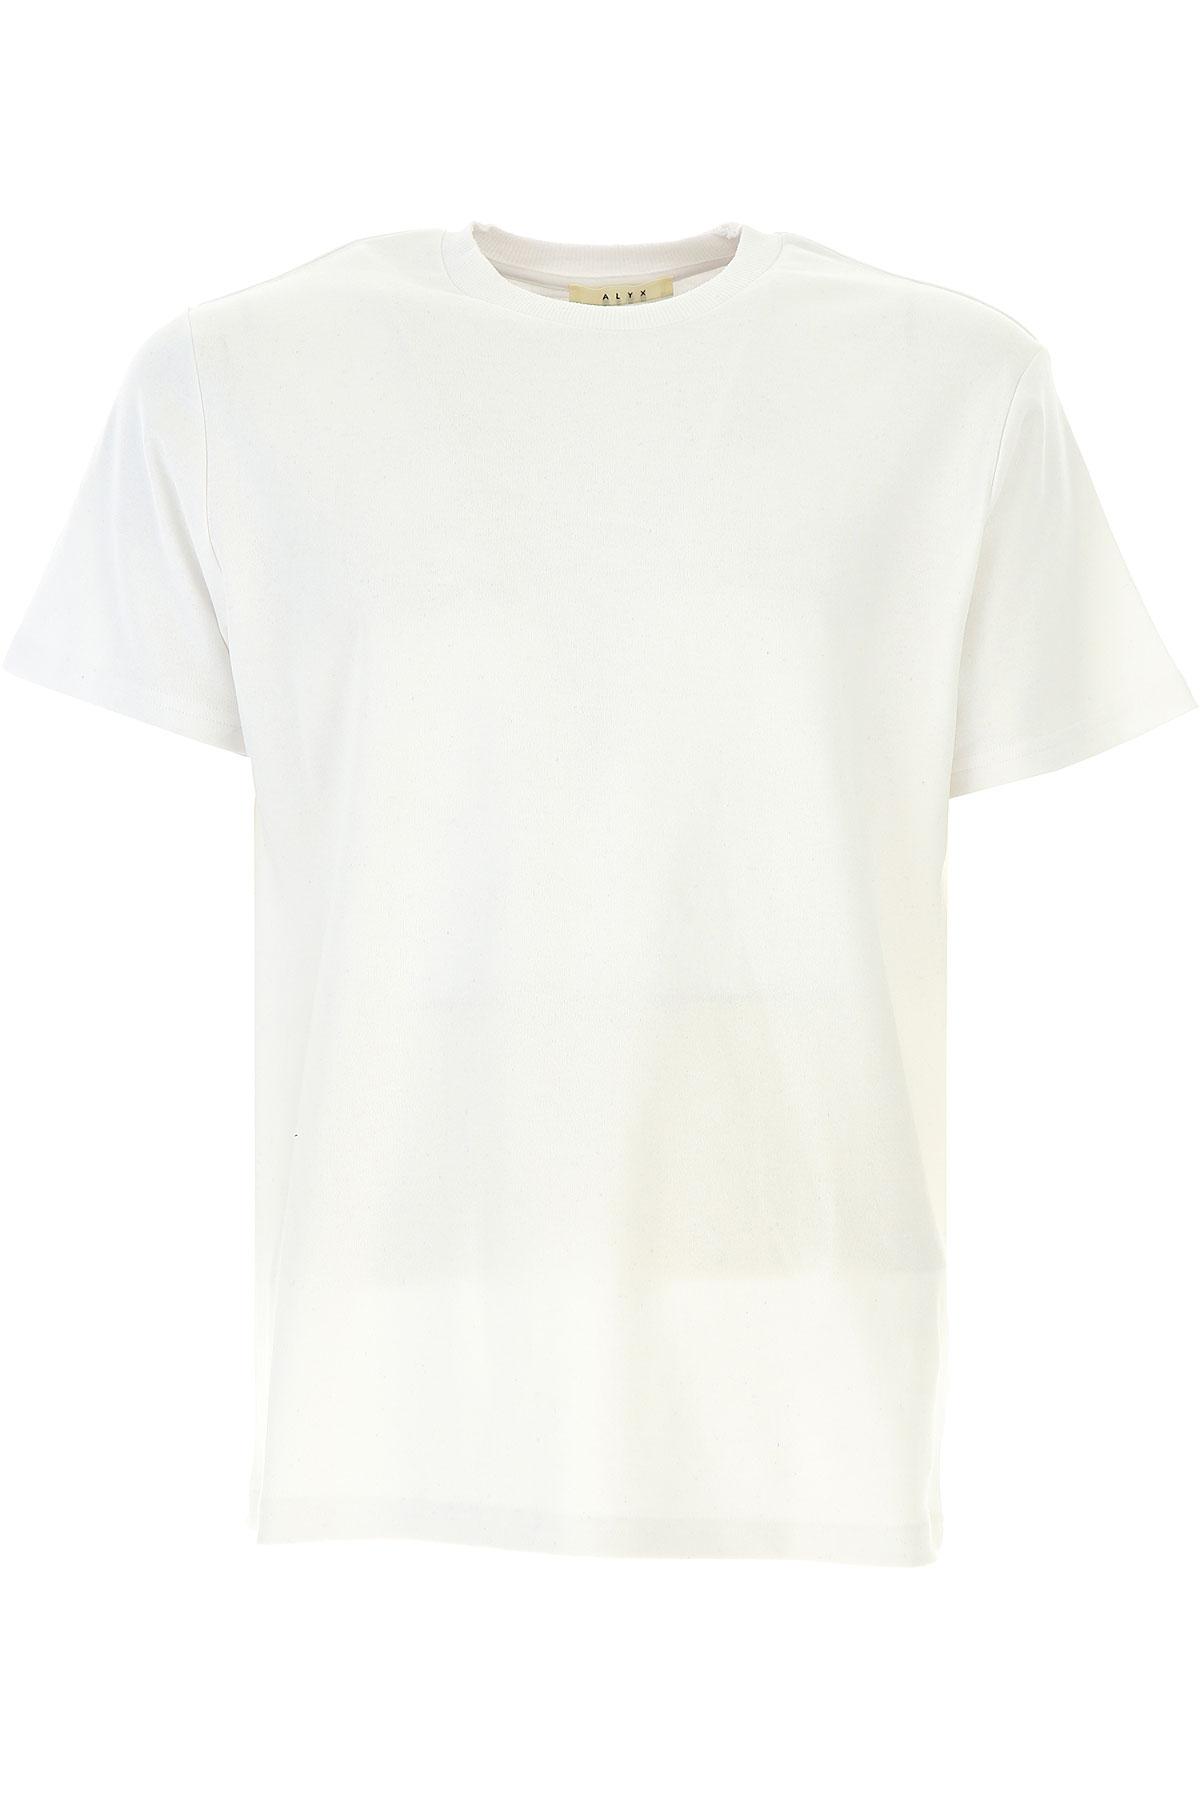 ALYX T-shirt Homme Pas cher en Soldes, Blanc, Coton, 2017, M S XS